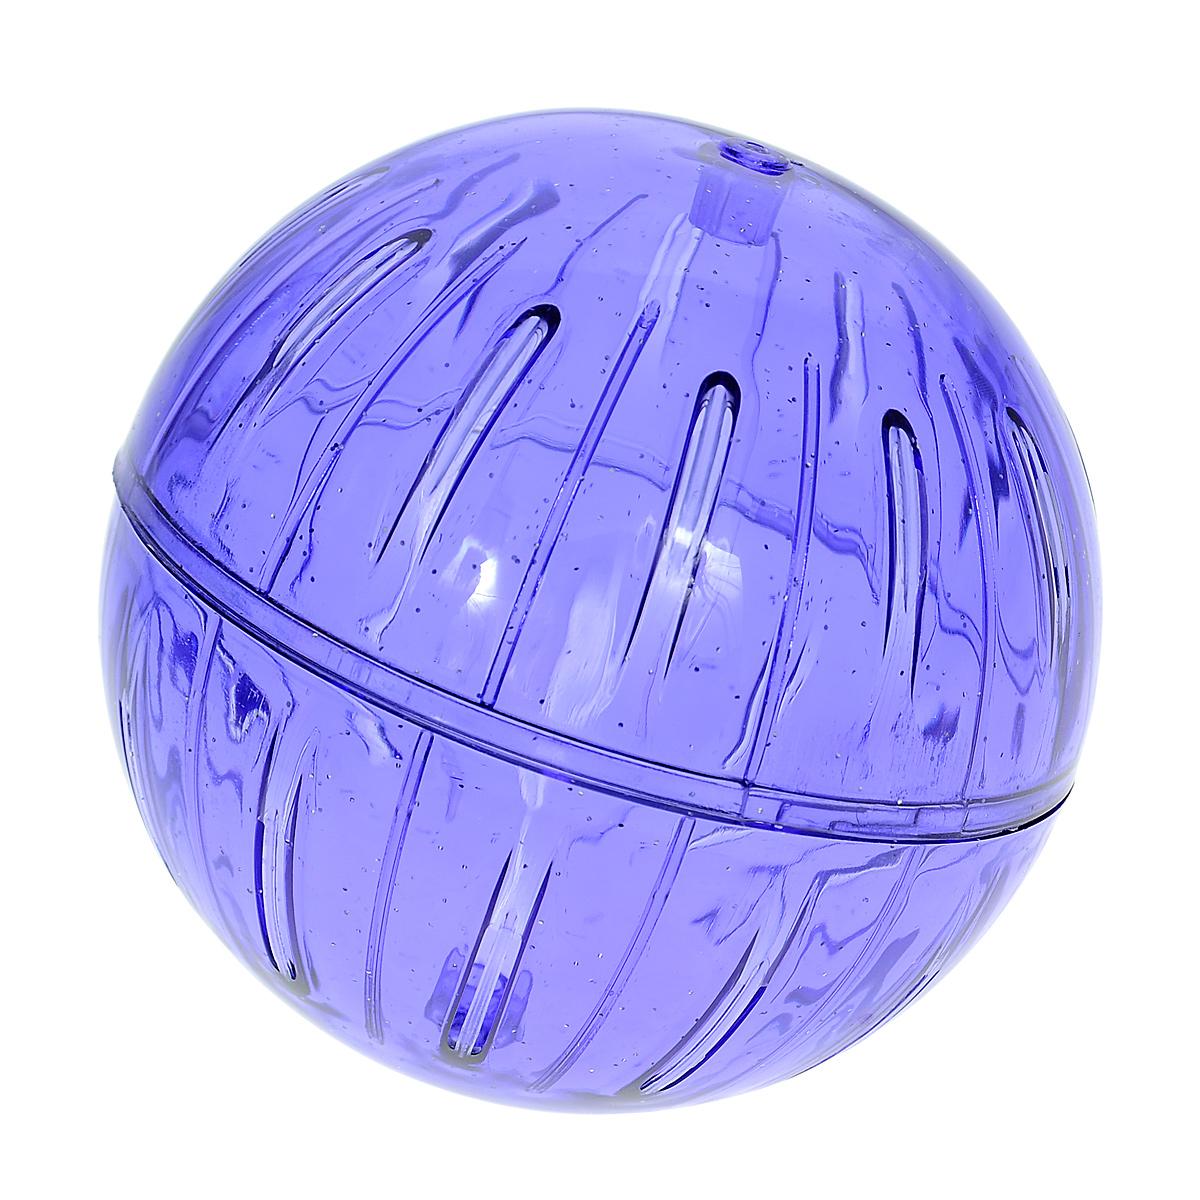 Игрушка для грызунов I.P.T.S. Шар прогулочный, цвет: синий, диаметр 12 см805634_синийИгрушка для грызунов I.P.T.S. Шар прогулочный изготовлена из нетоксичного высококачественного пластика. Шар легко моется. Устойчивая конструкция с двумя защелкивающимися половинками обеспечит безопасность и предохранит вашего питомца от побега. Большие вентиляционные отверстия обеспечивают хорошую циркуляцию воздуха, а специально разработанные выступы для лап - удобство при передвижении. Прогулка в таком шаре обеспечит грызуну нагрузку, а значит, поможет поддержать хорошую физическую форму. Чтобы правильно подобрать шар, следует измерить длину животного: диаметр шара должен быть чуть больше, чем длина вашего питомца. Диаметр шара: 12 см.